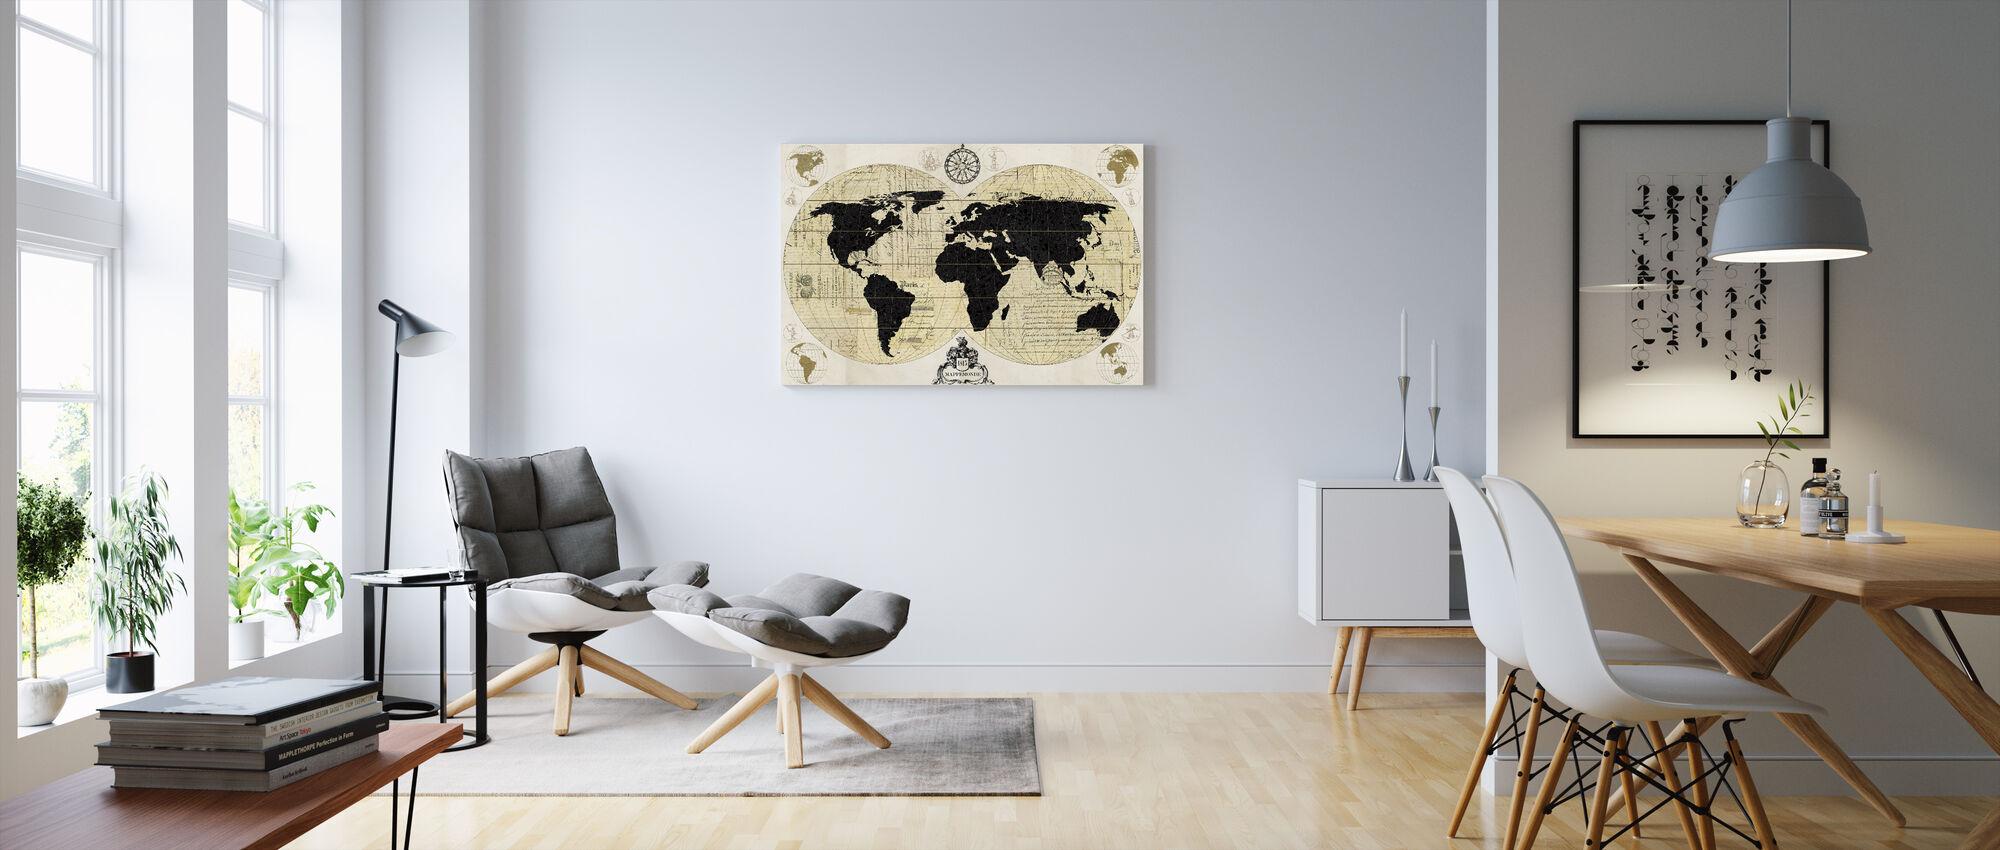 Carte du Monde Vintage - Impression sur toile - Salle à manger